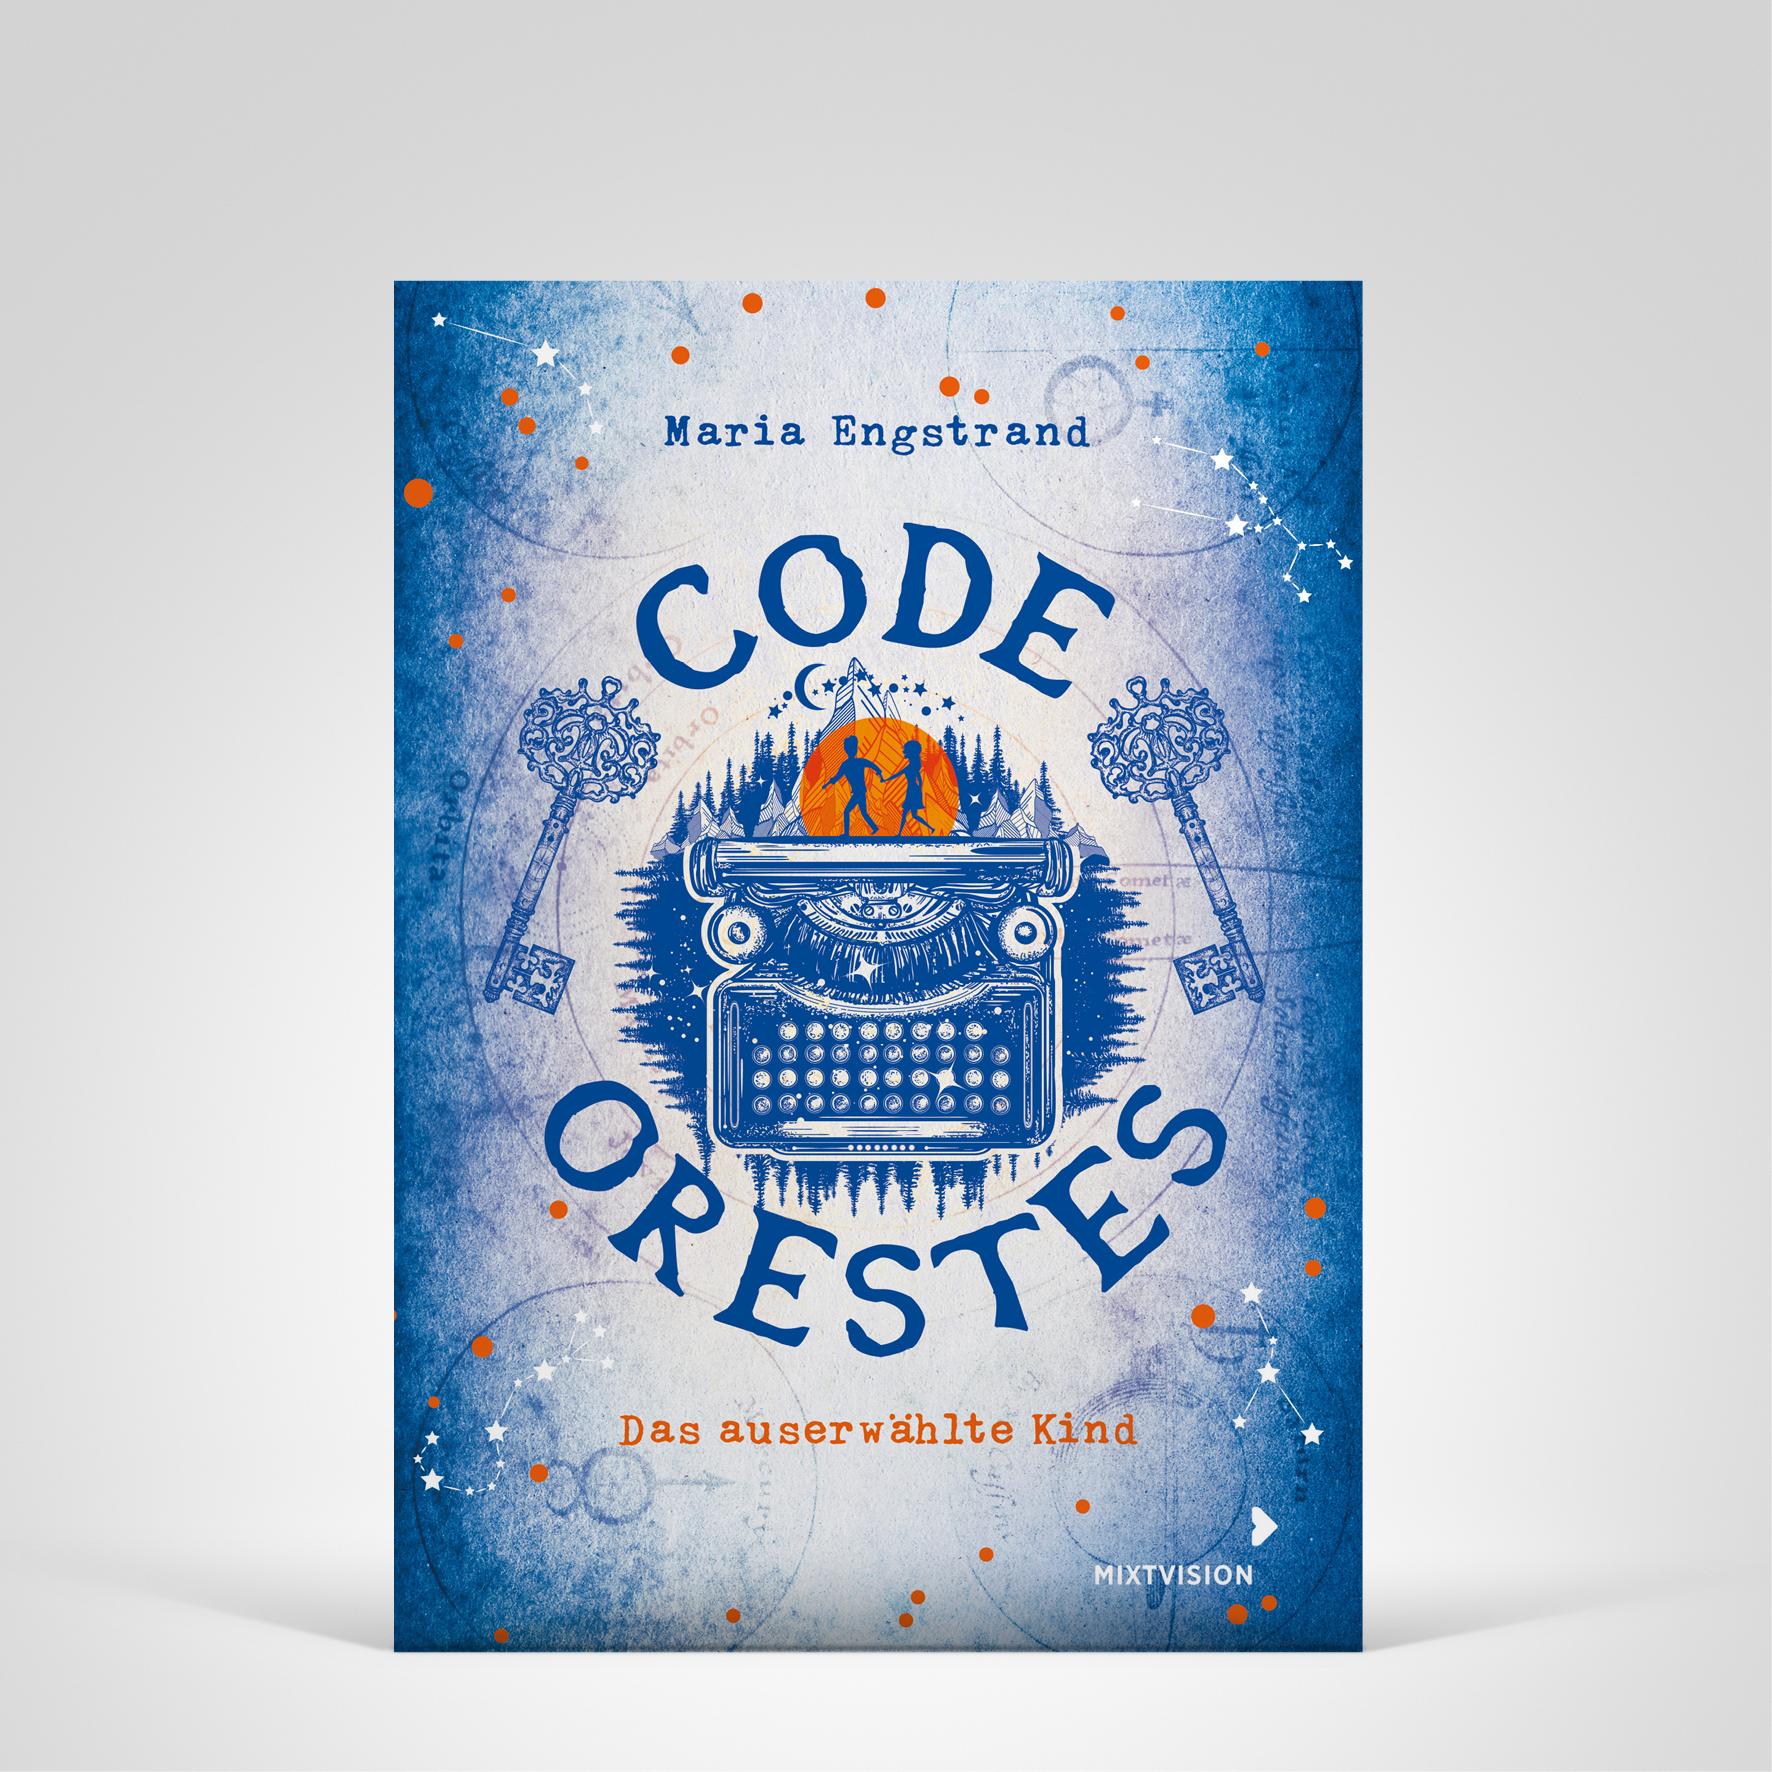 Code Orestes, Titelbild